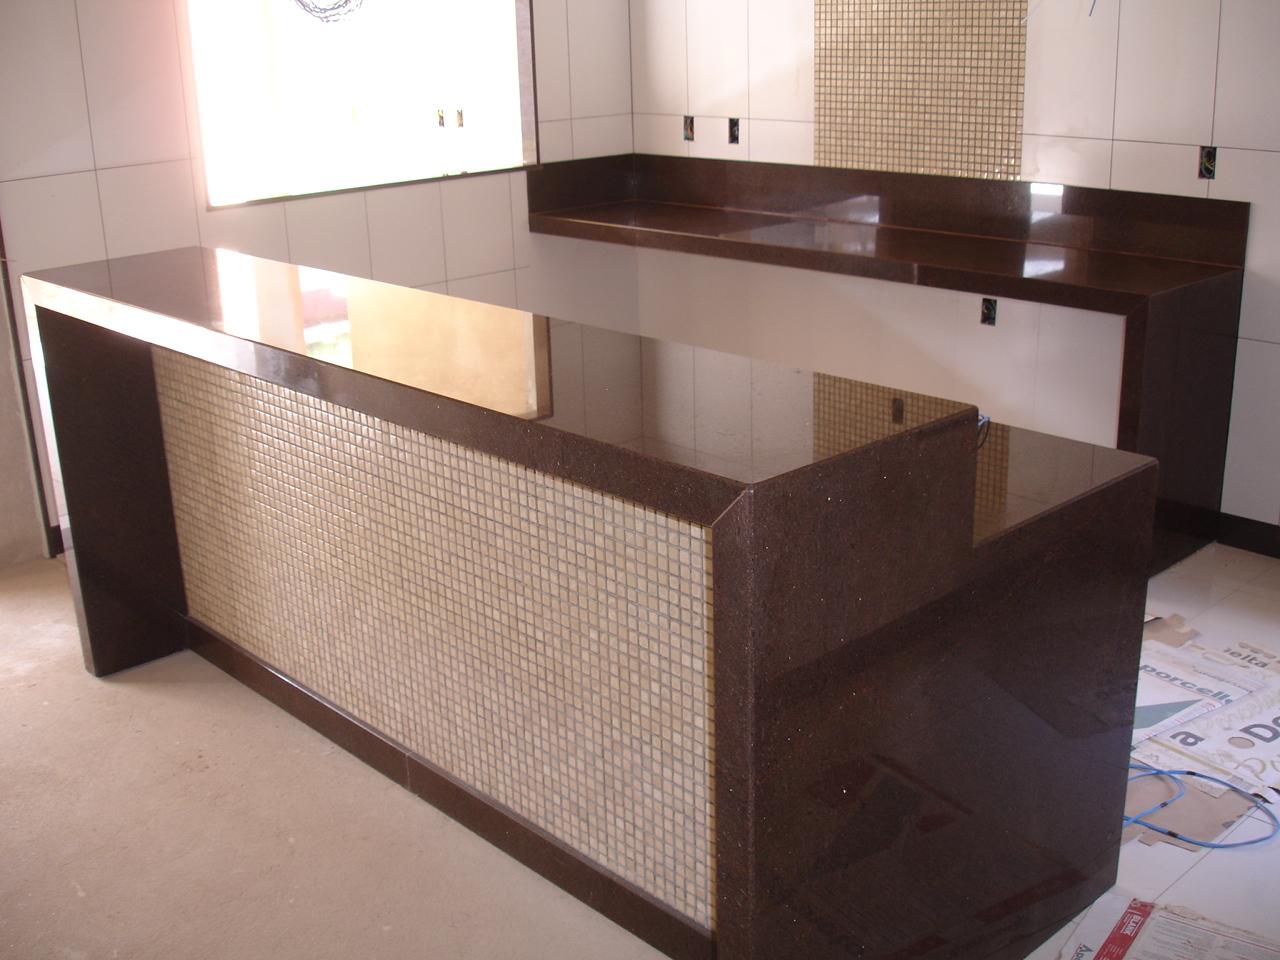 Mármores e Granitos Nacionais e Importados #835E48 1280x960 Banheiro Com Granito Marrom Imperial